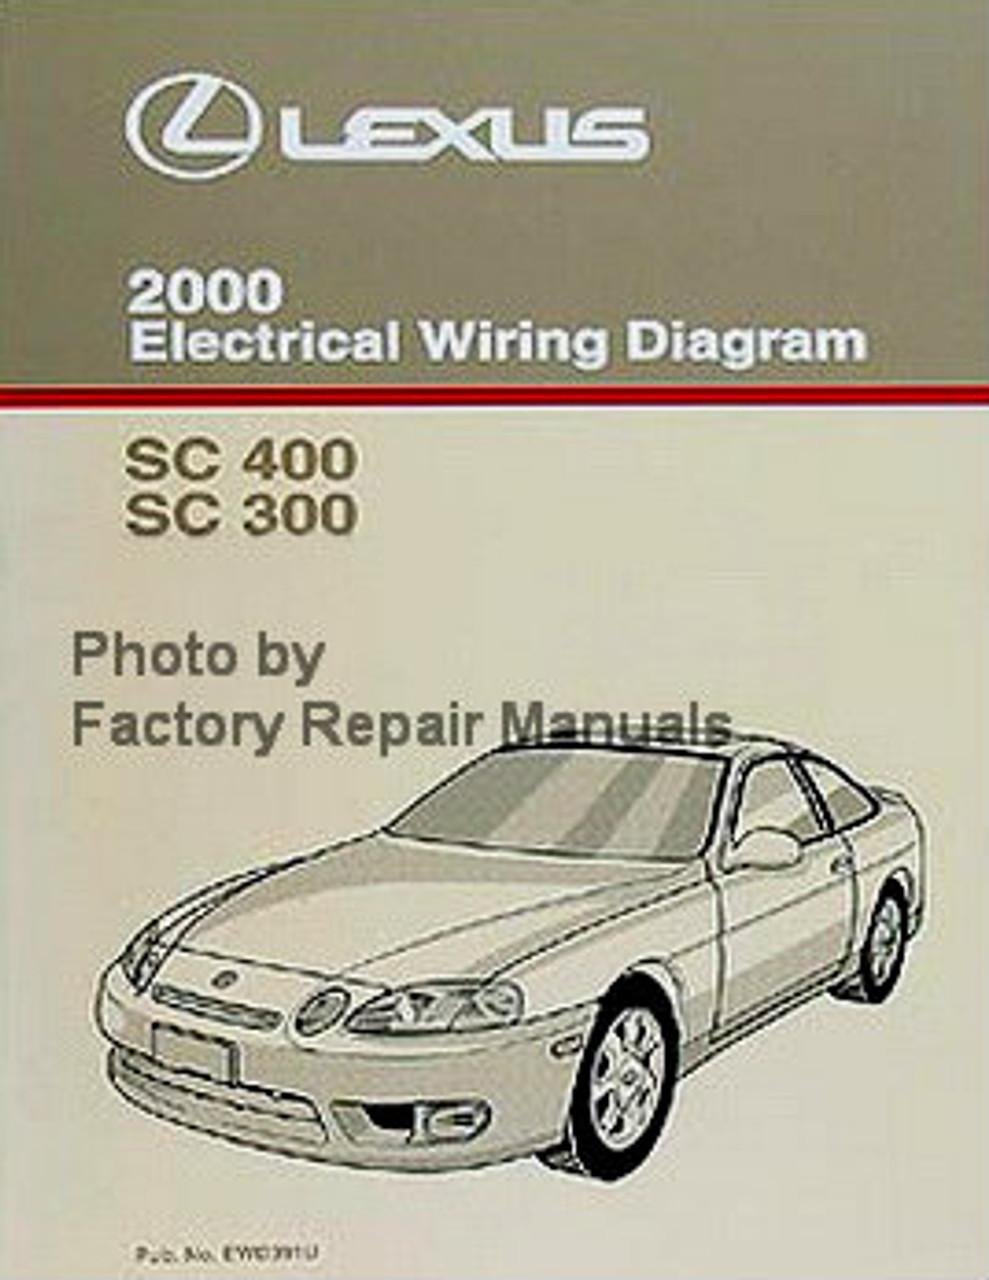 2000 Lexus SC400 SC300 Electrical Wiring Diagrams Manual - Factory Repair  ManualsFactory Repair Manuals